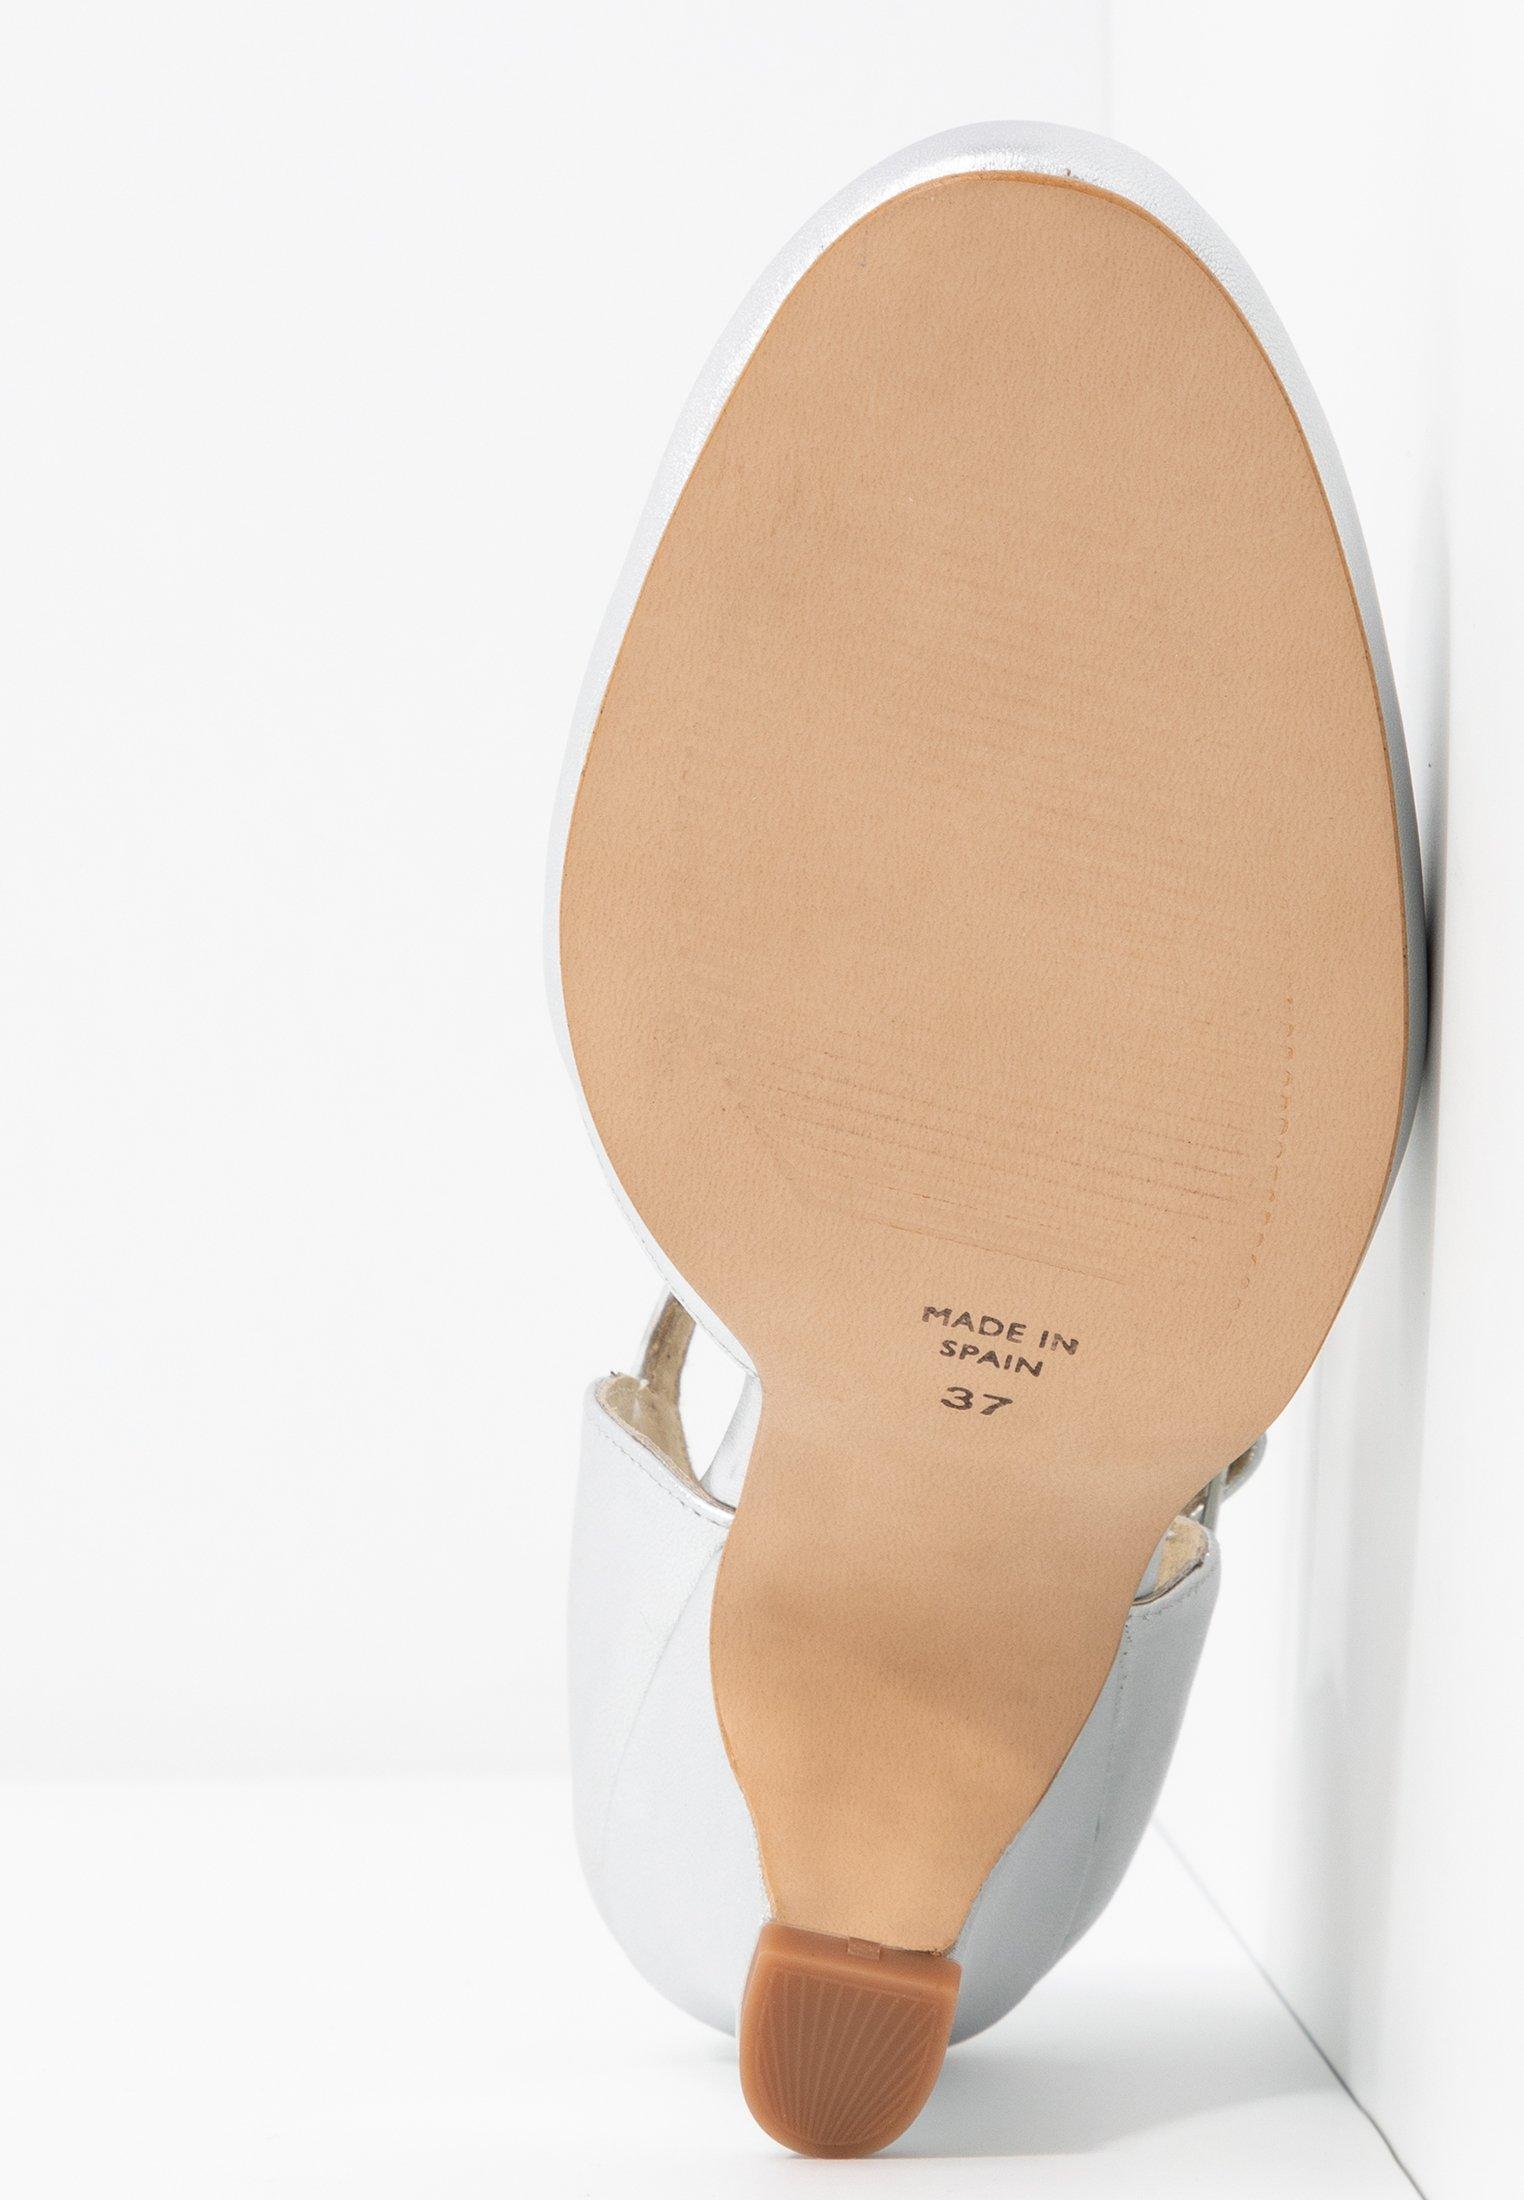 Precio reducido LAB Tacones - eclar lumiere | Calzado de mujer2020 pCm6s